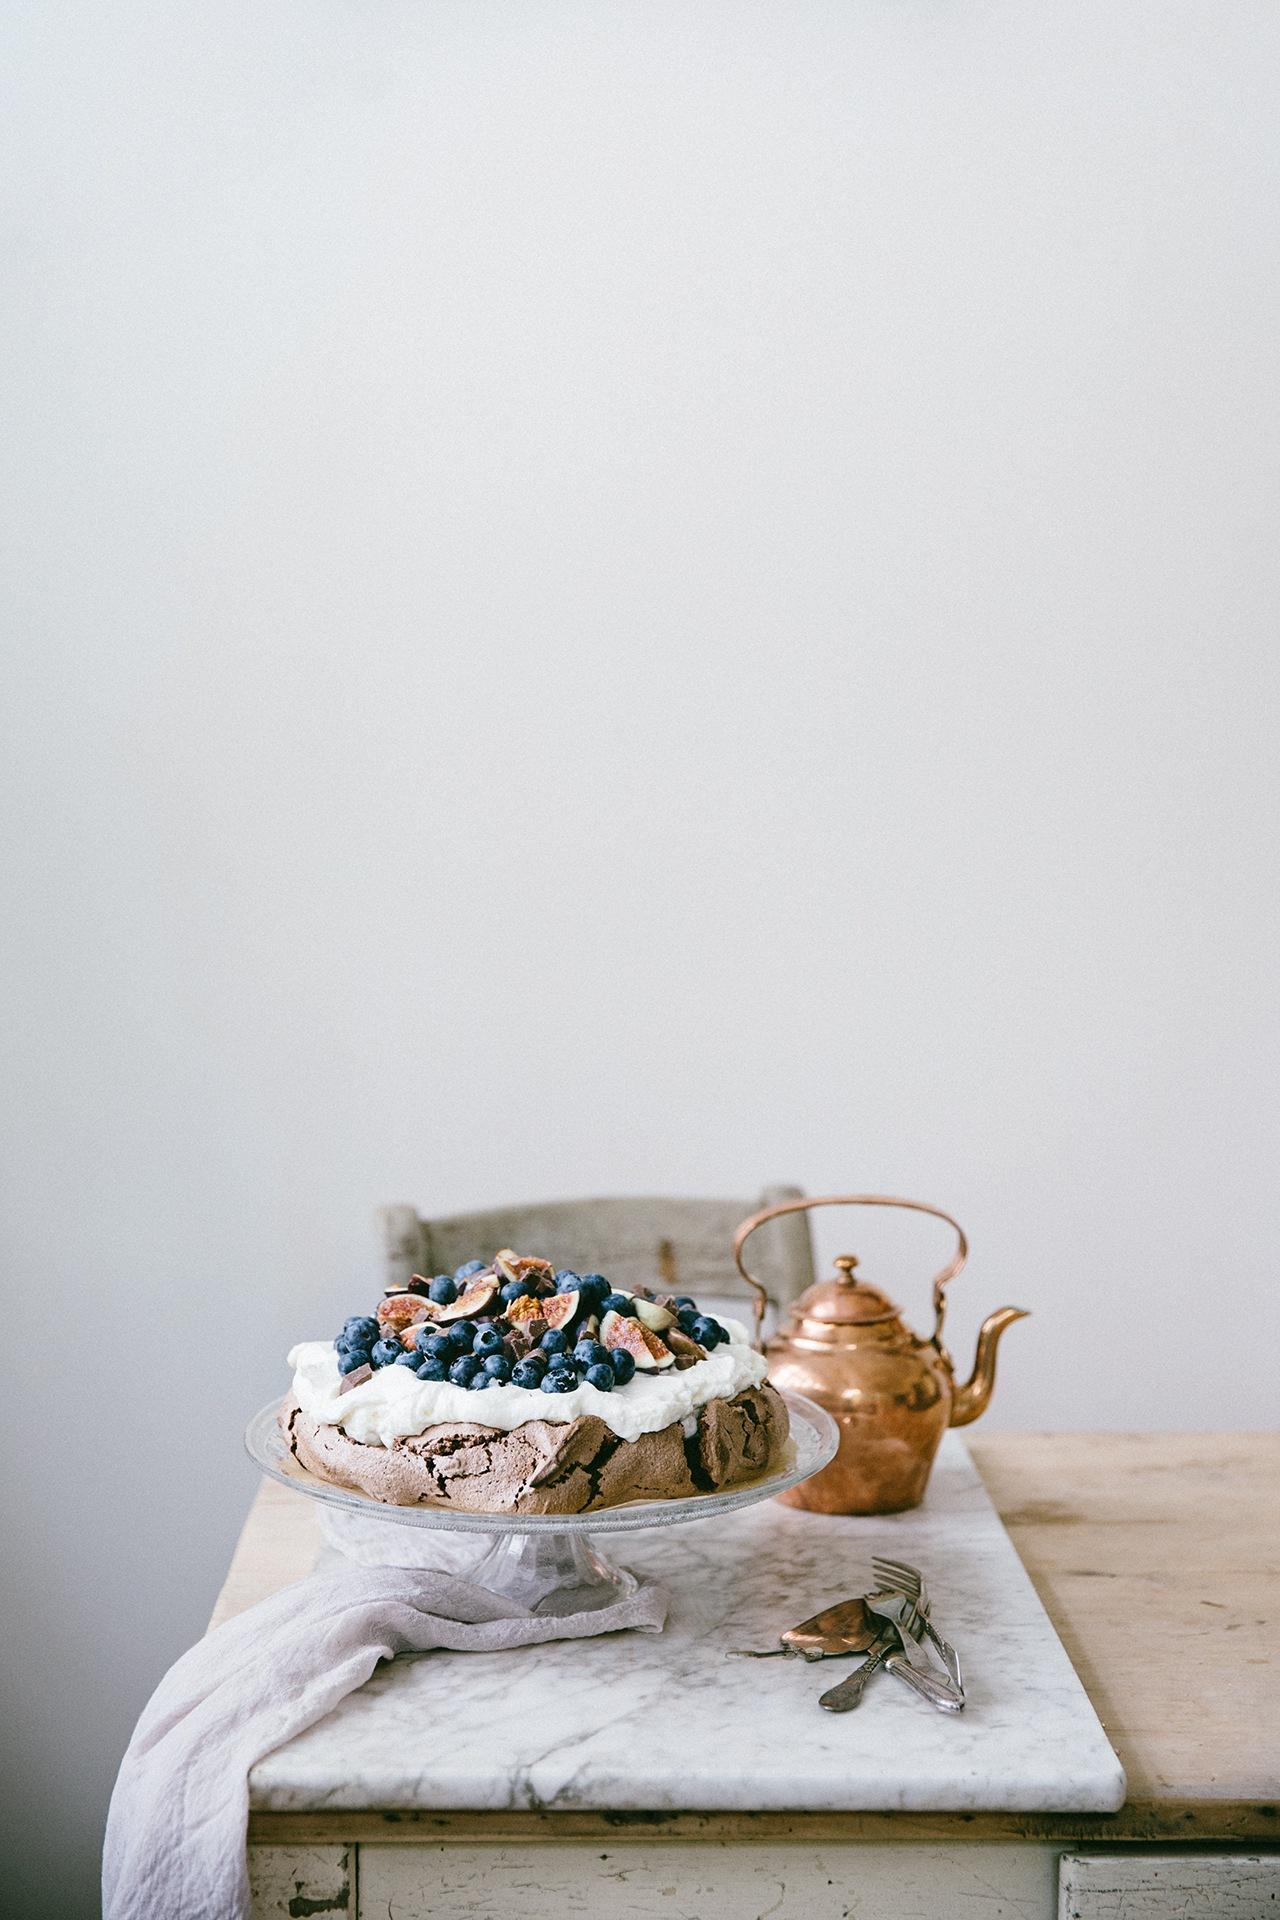 Photography & Styling by Christina Greve